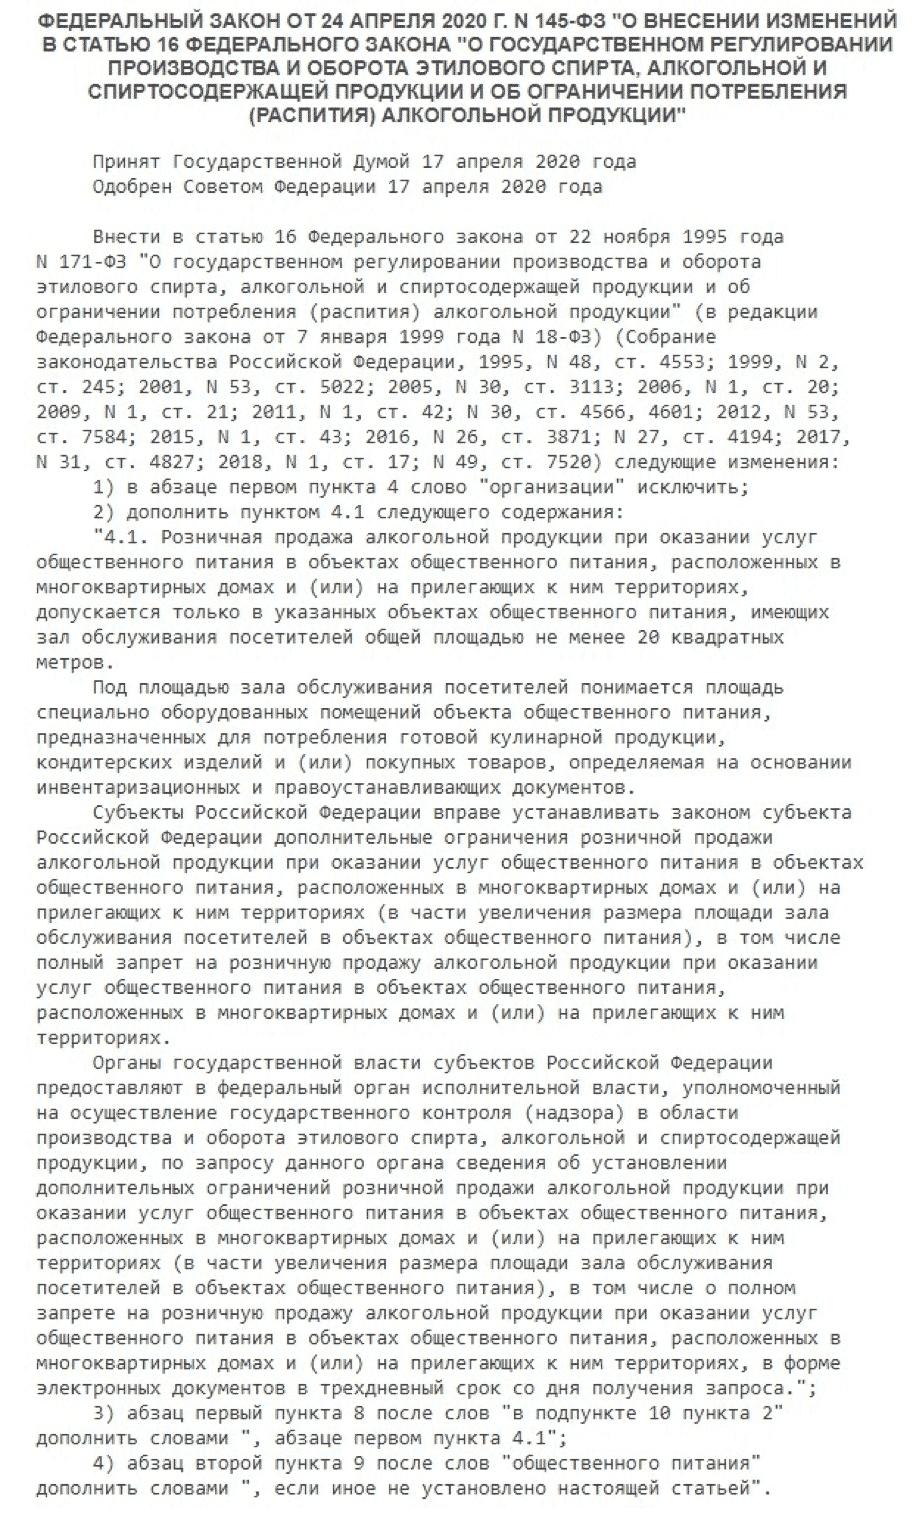 ФЗ от 24 апреля 2020 года N 145-ФЗ